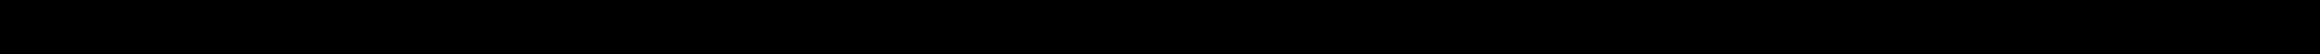 MAHLE ORIGINAL 15400PFB004, 15400-PFB-014, 15400PJ7005, 15400PJ7015, 02500 Alyvos filtras